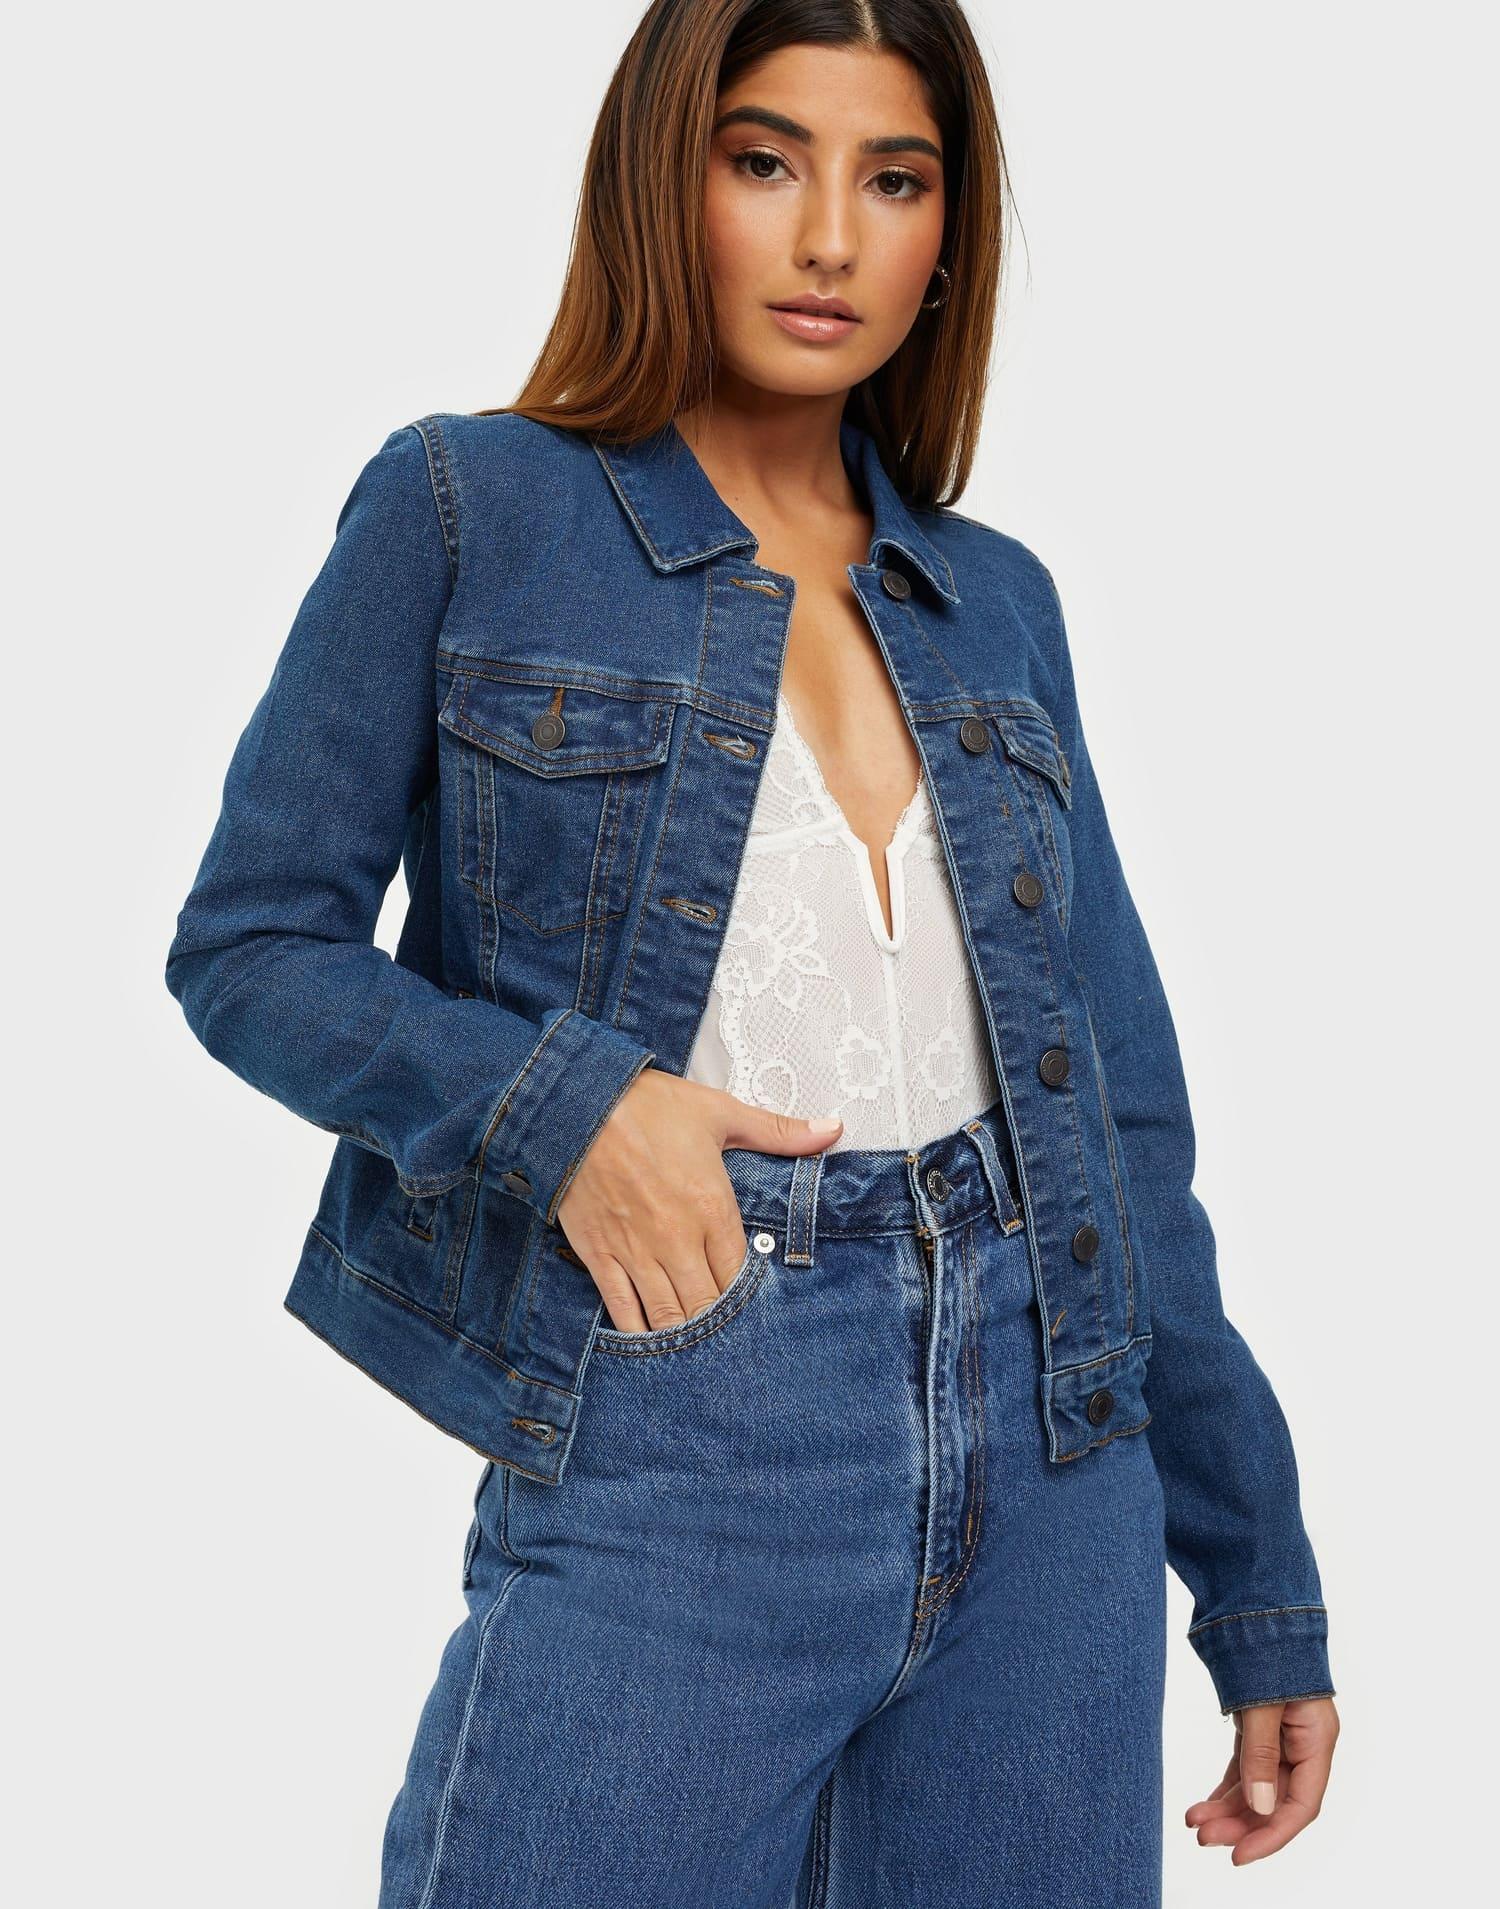 Mörkblå jeansjacka för dam